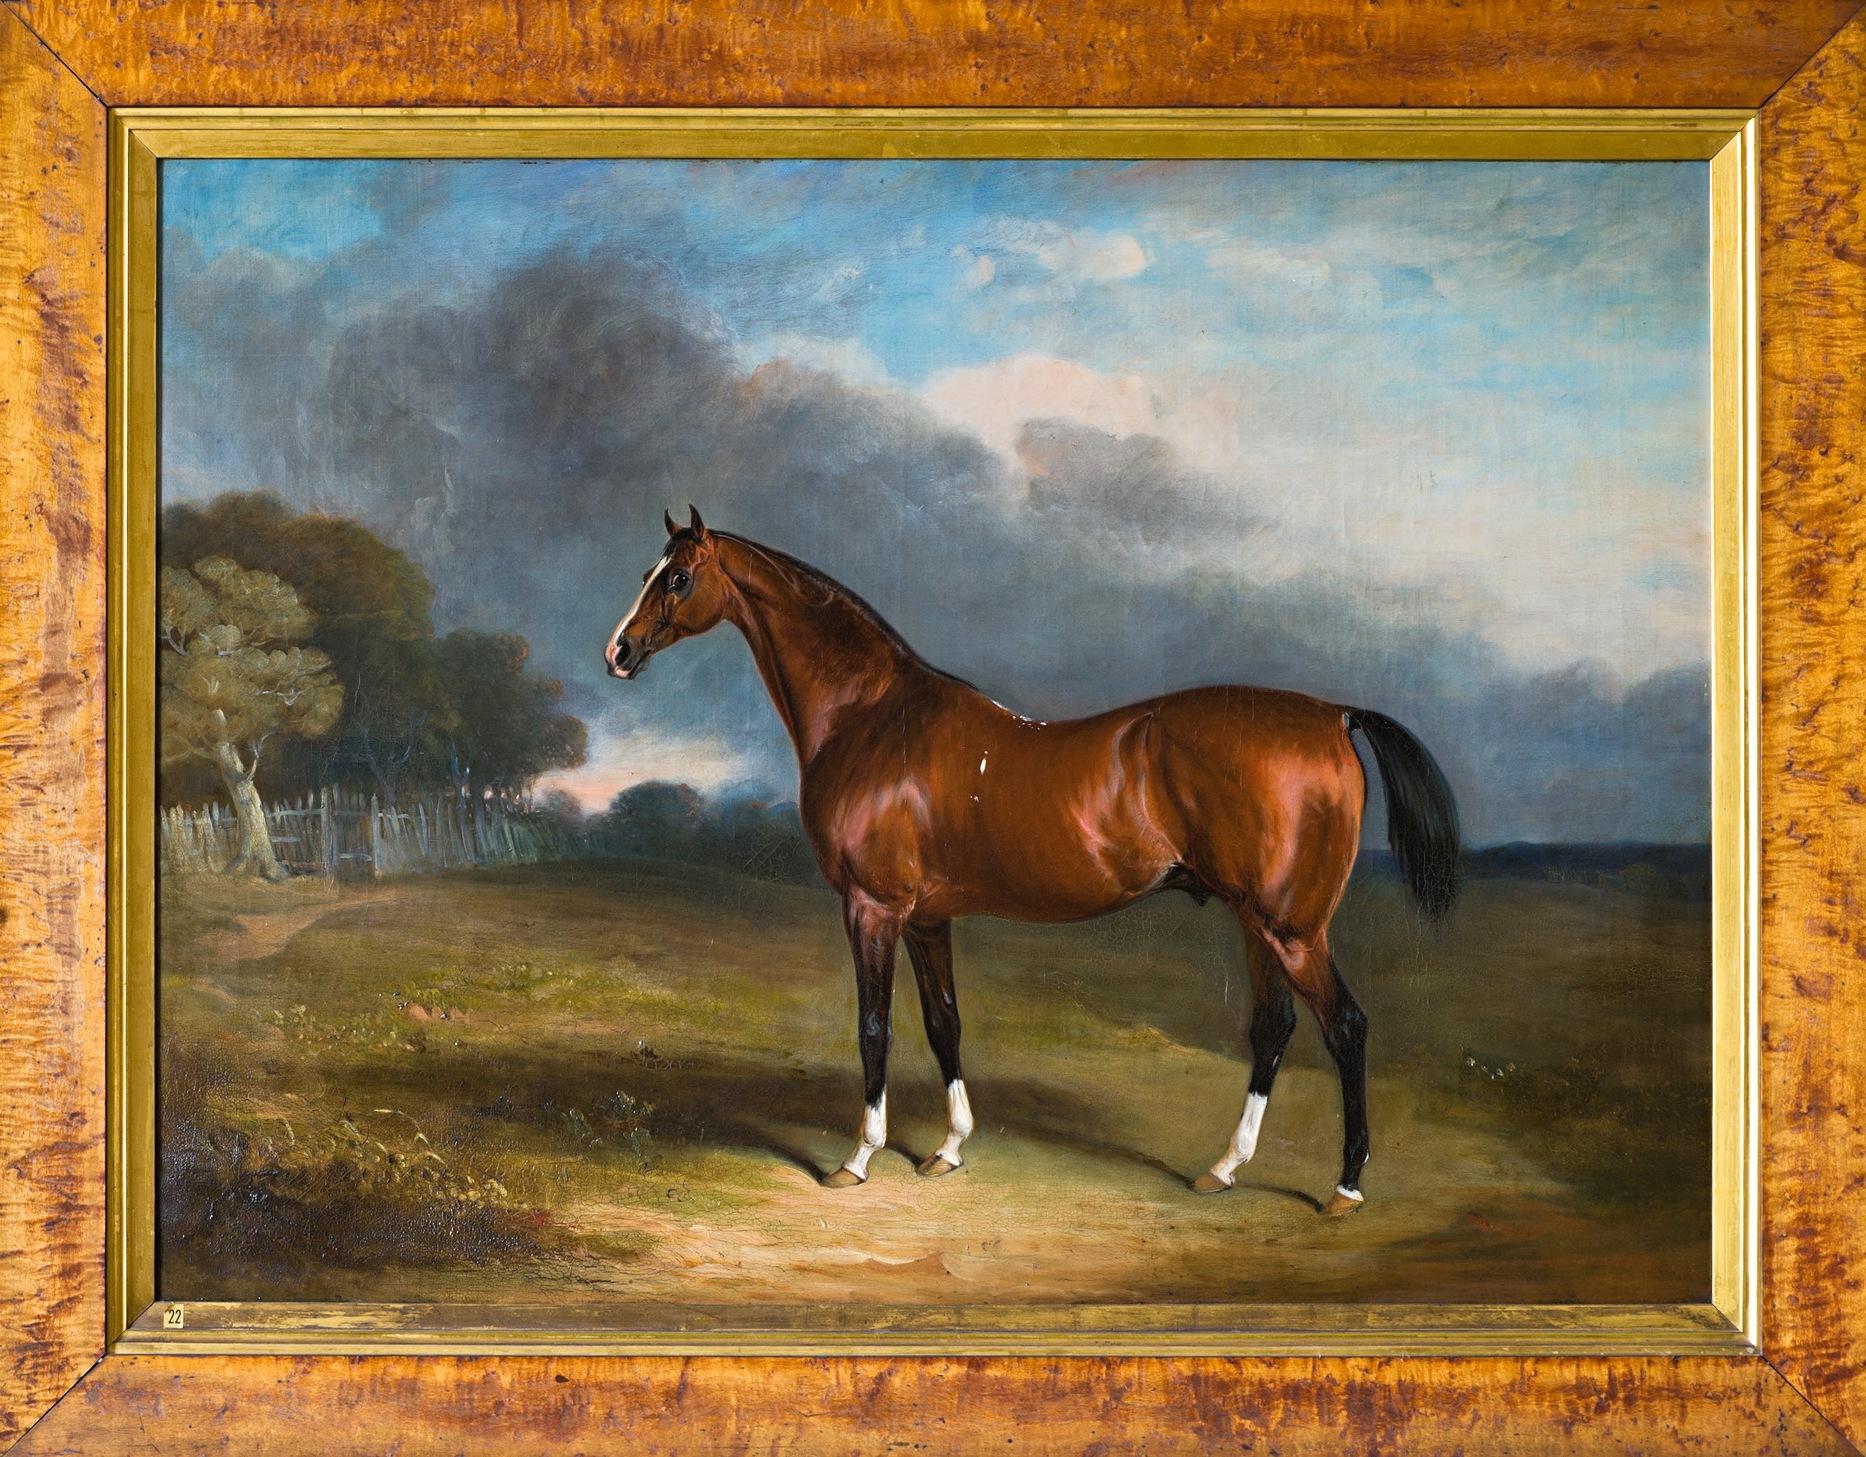 Sultan, a Dark Bay Hunter in a Field, by John E. Ferneley (1781-1860).